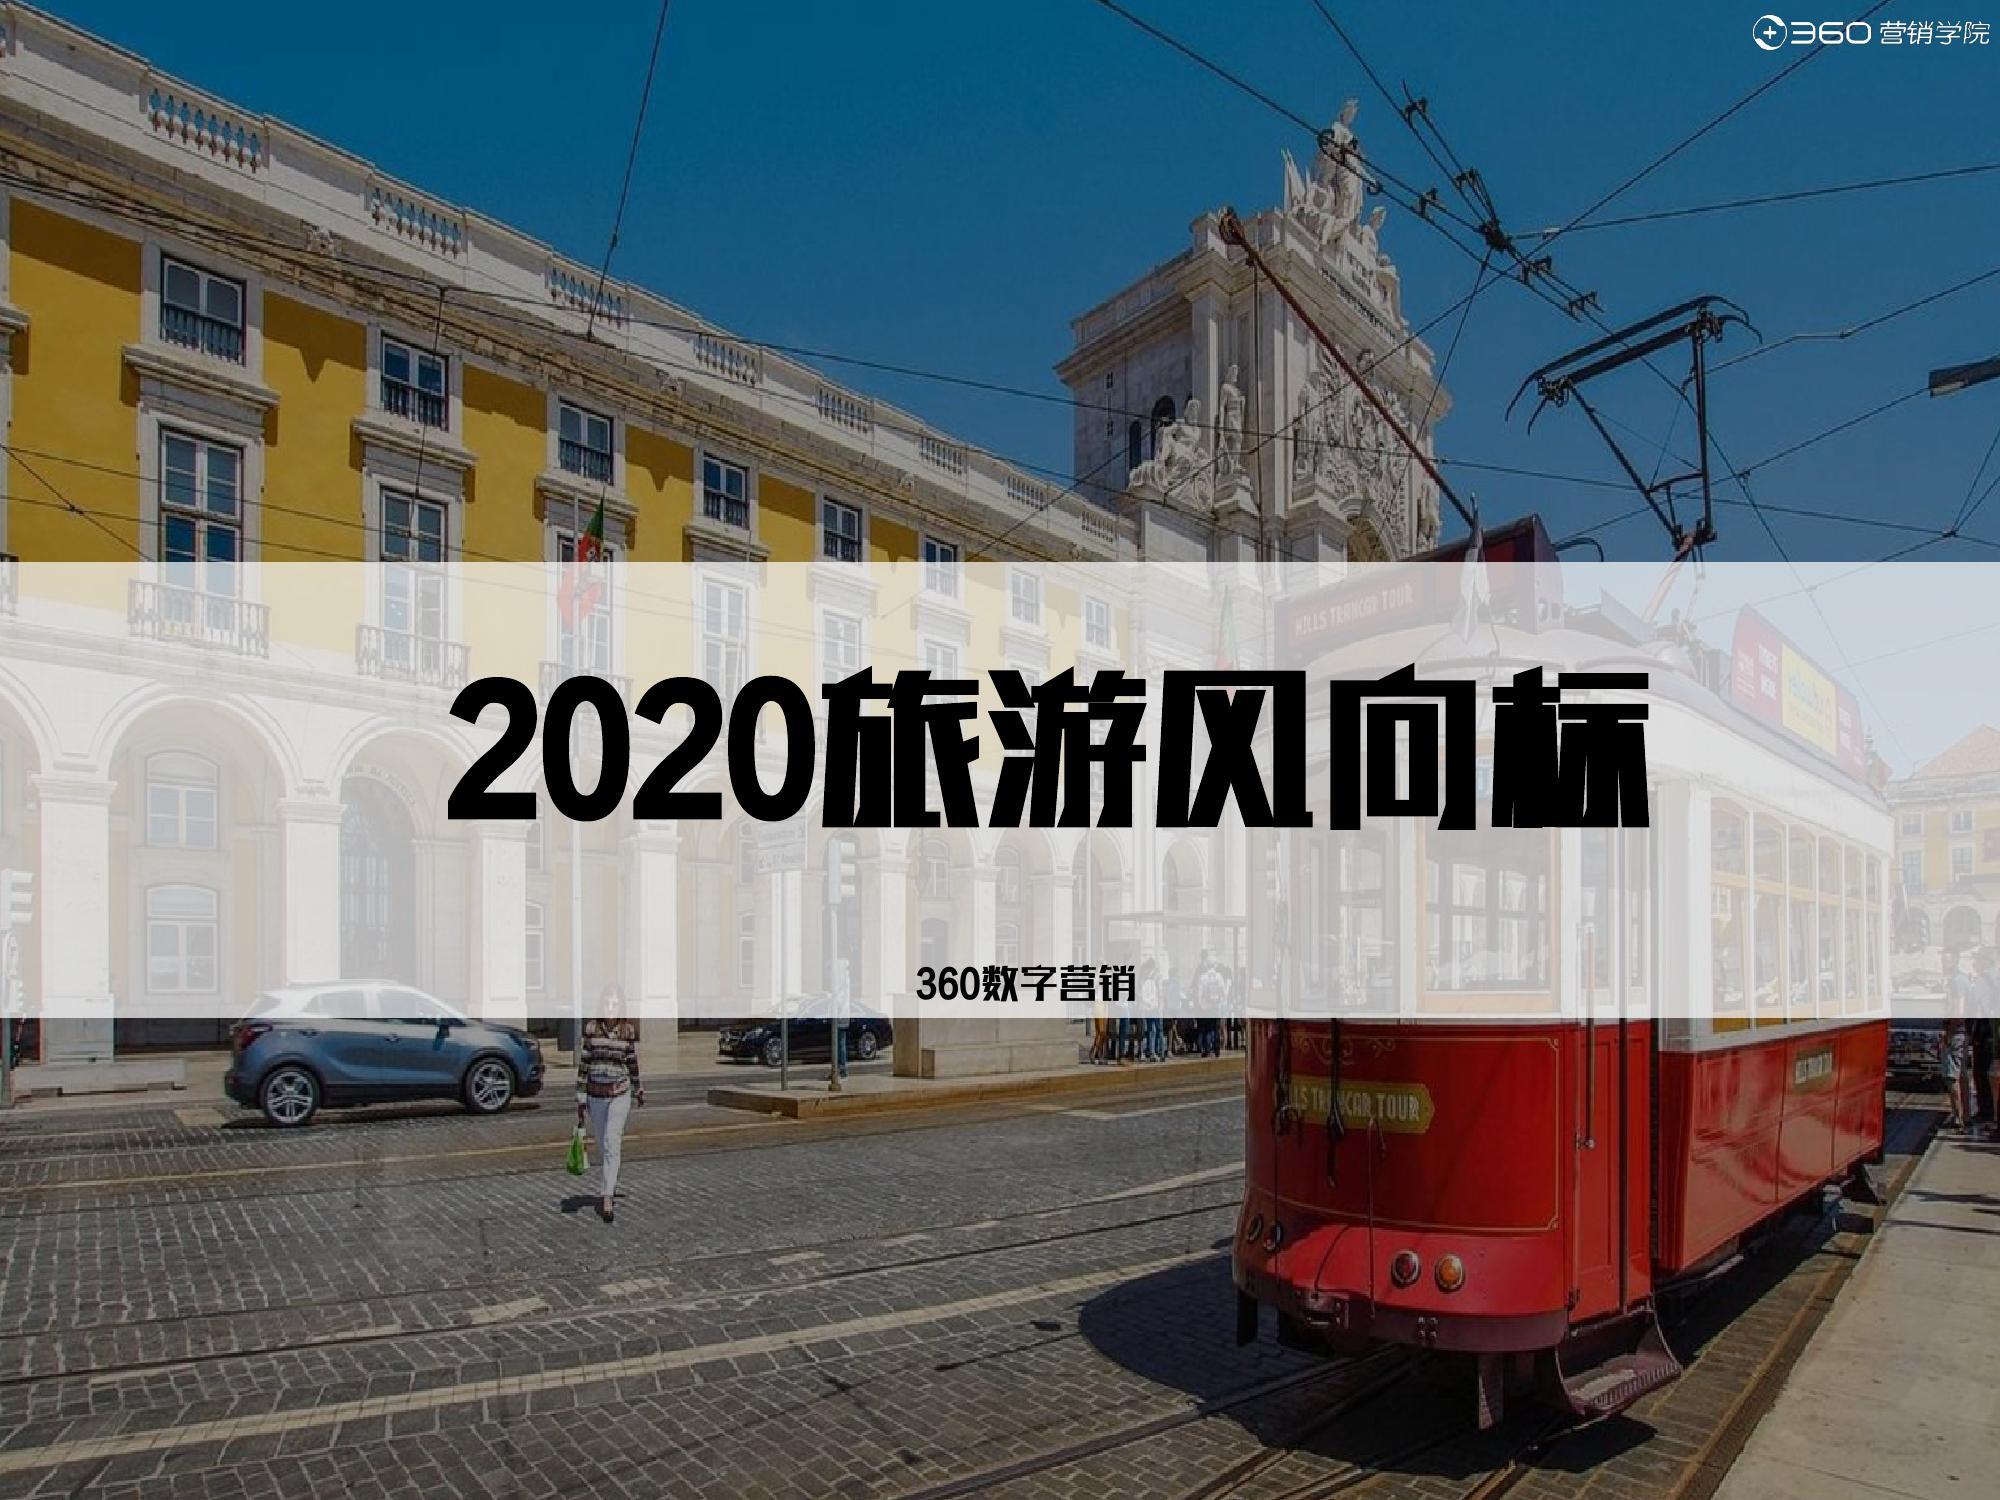 360:2020旅游风向标(附下载)